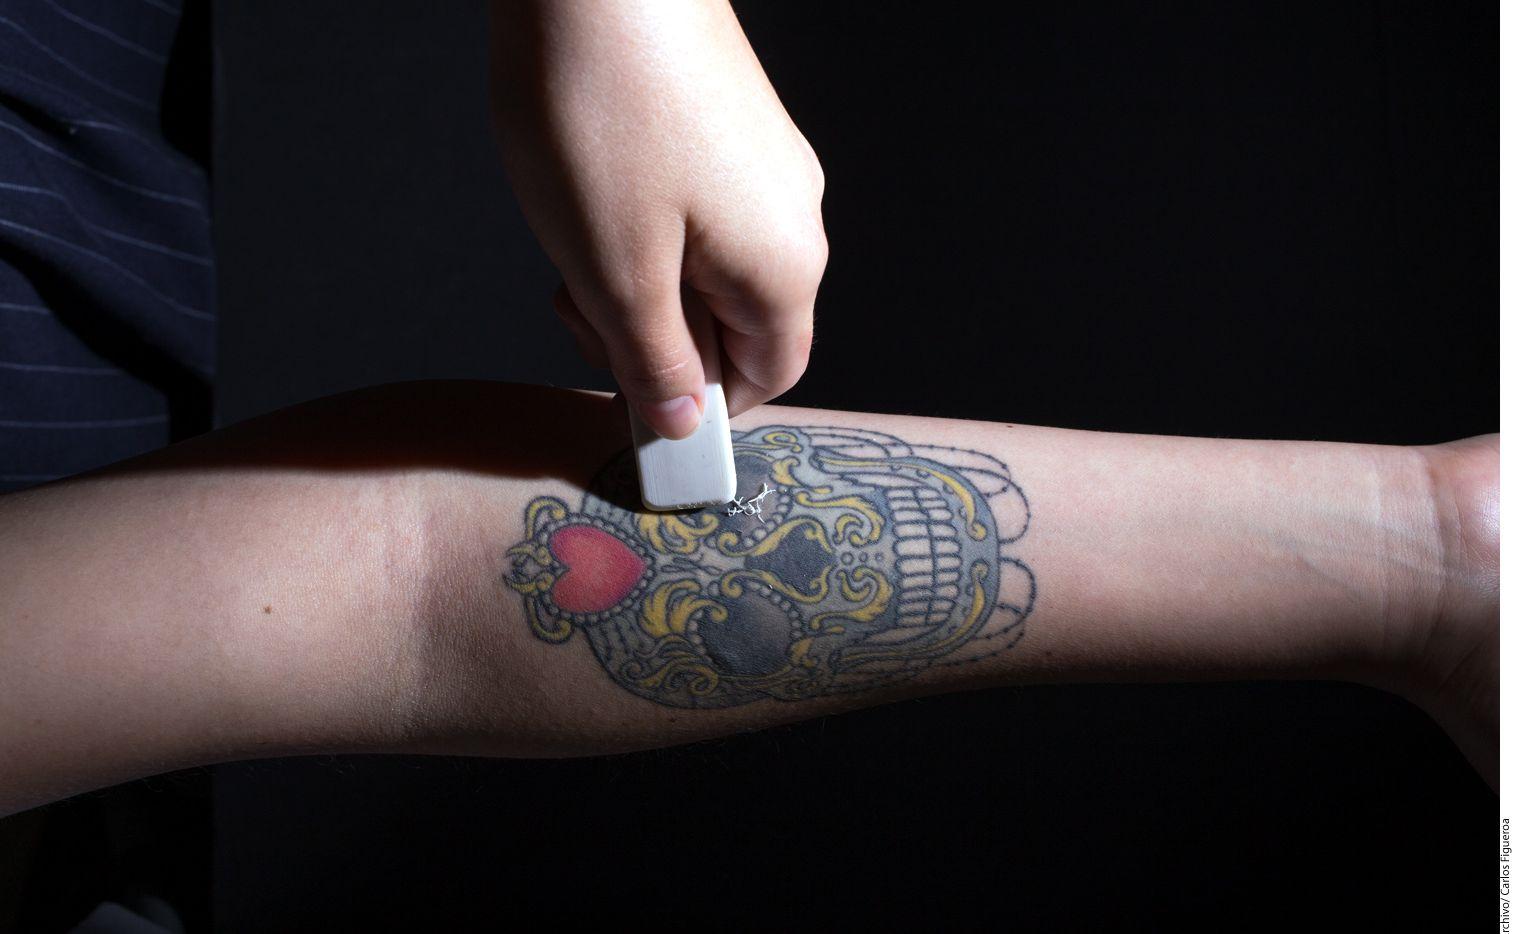 El tatuaje cosmético también es cada vez más solicitado, principalmente entre la población femenina. (AGENCIA REFORMA)